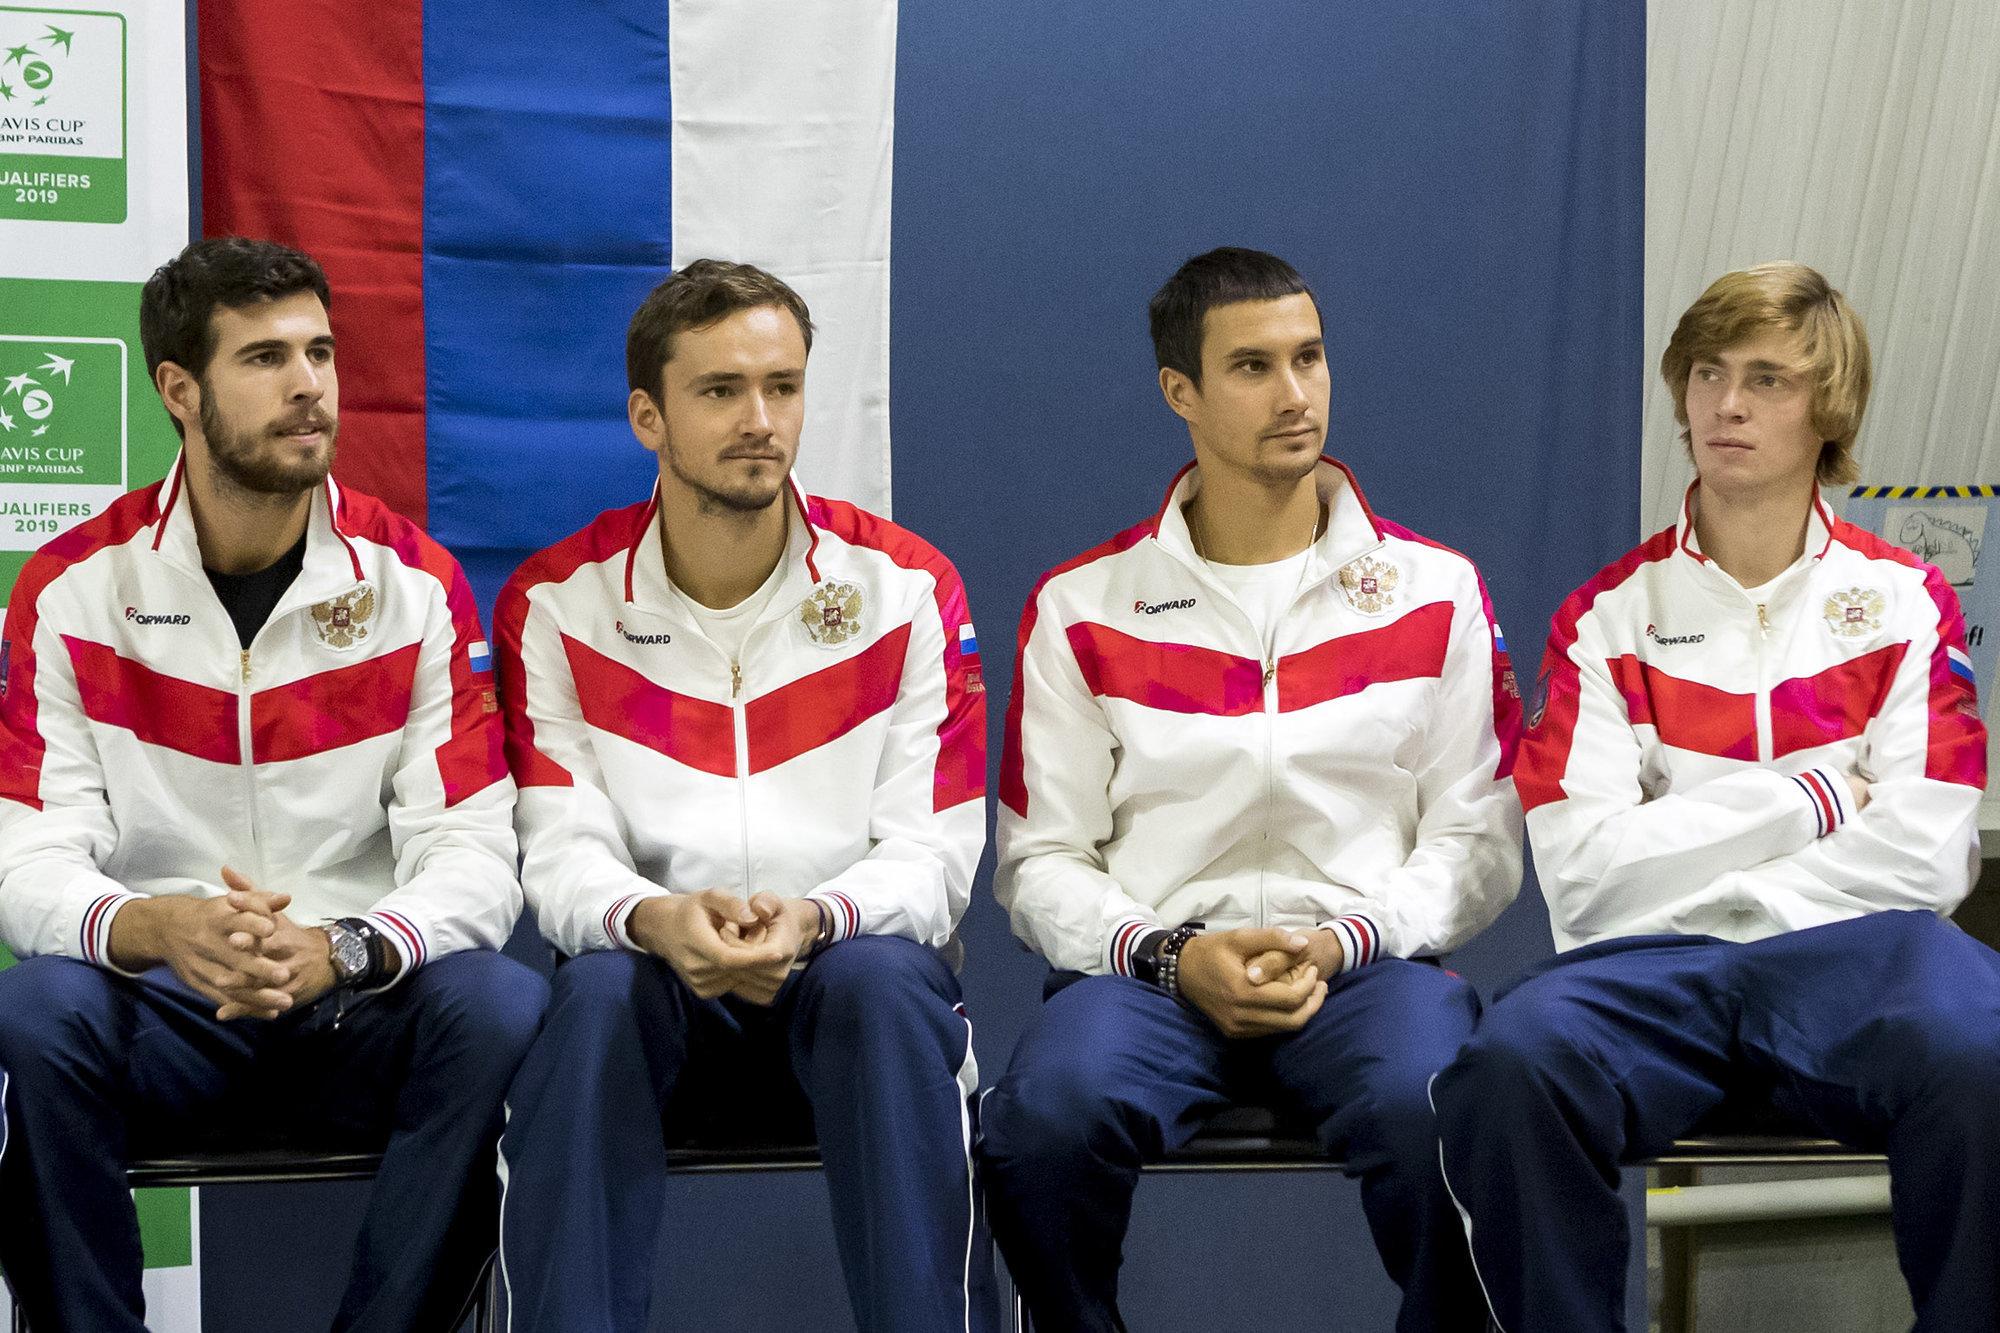 Андрей Рублев: «У нас нереальные дружеские отношения в сборной, все на одной волне»